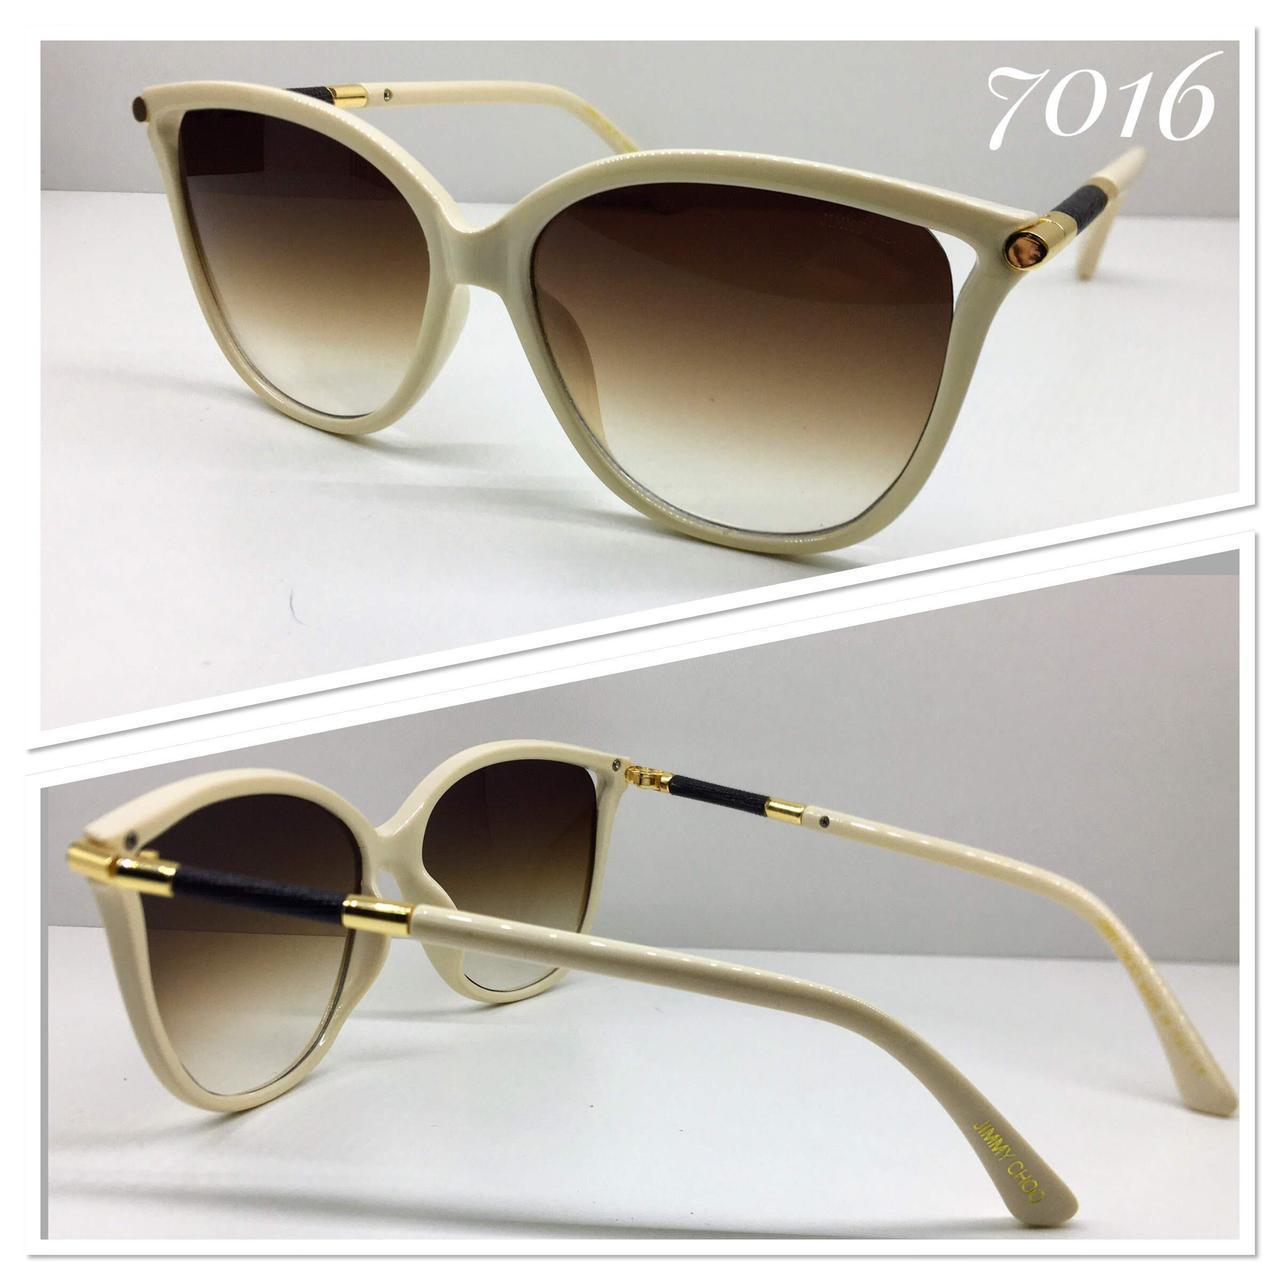 Женские очки  Jimmy Choo коричневые линзы градиент бежевая оправа